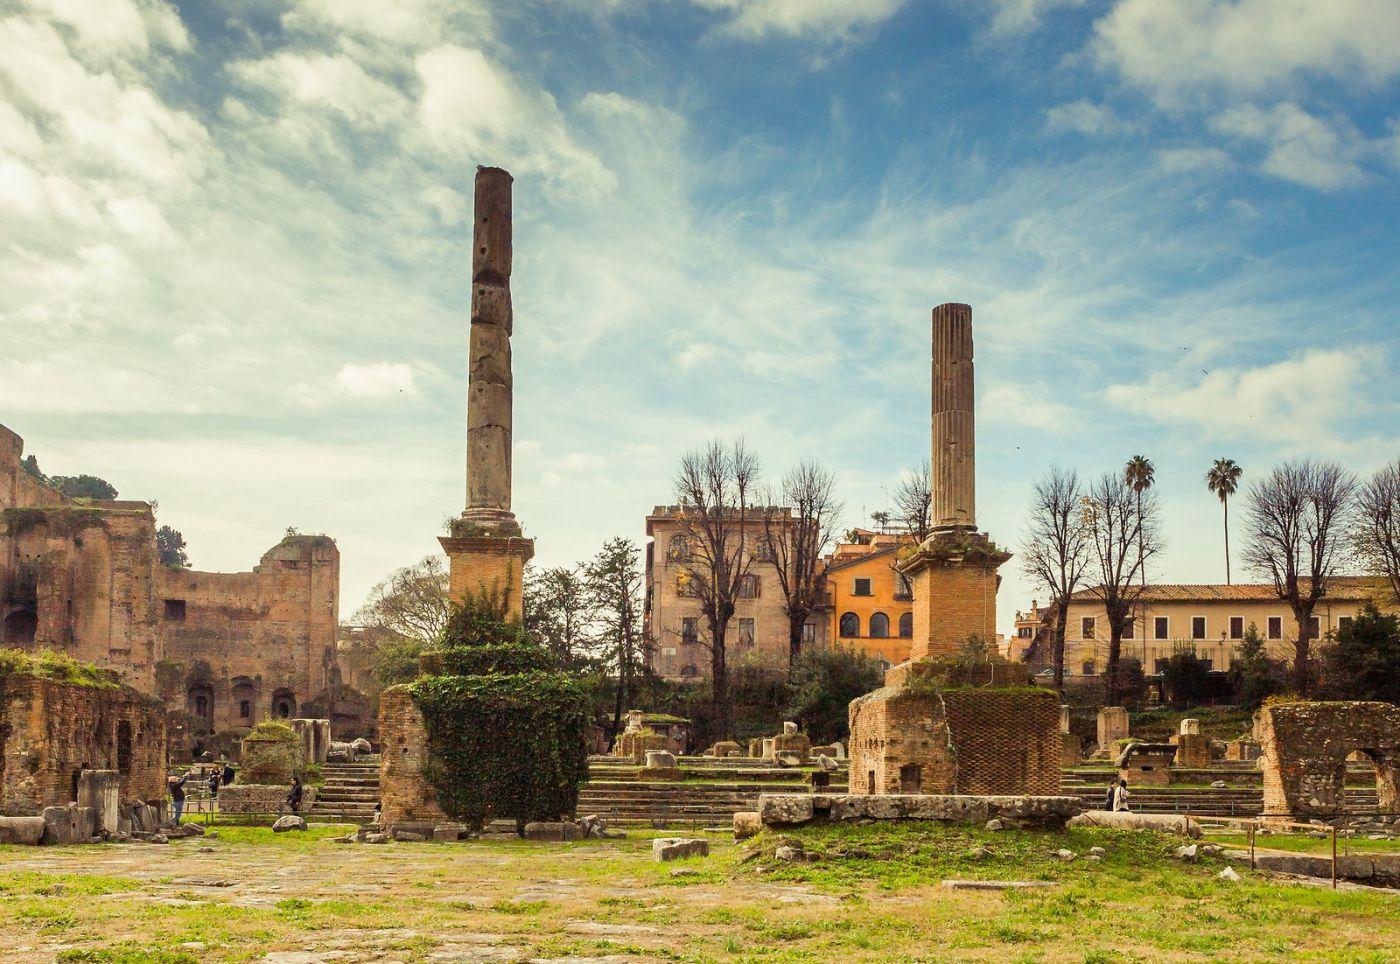 意大利罗马论坛,二千年的历史_图1-36